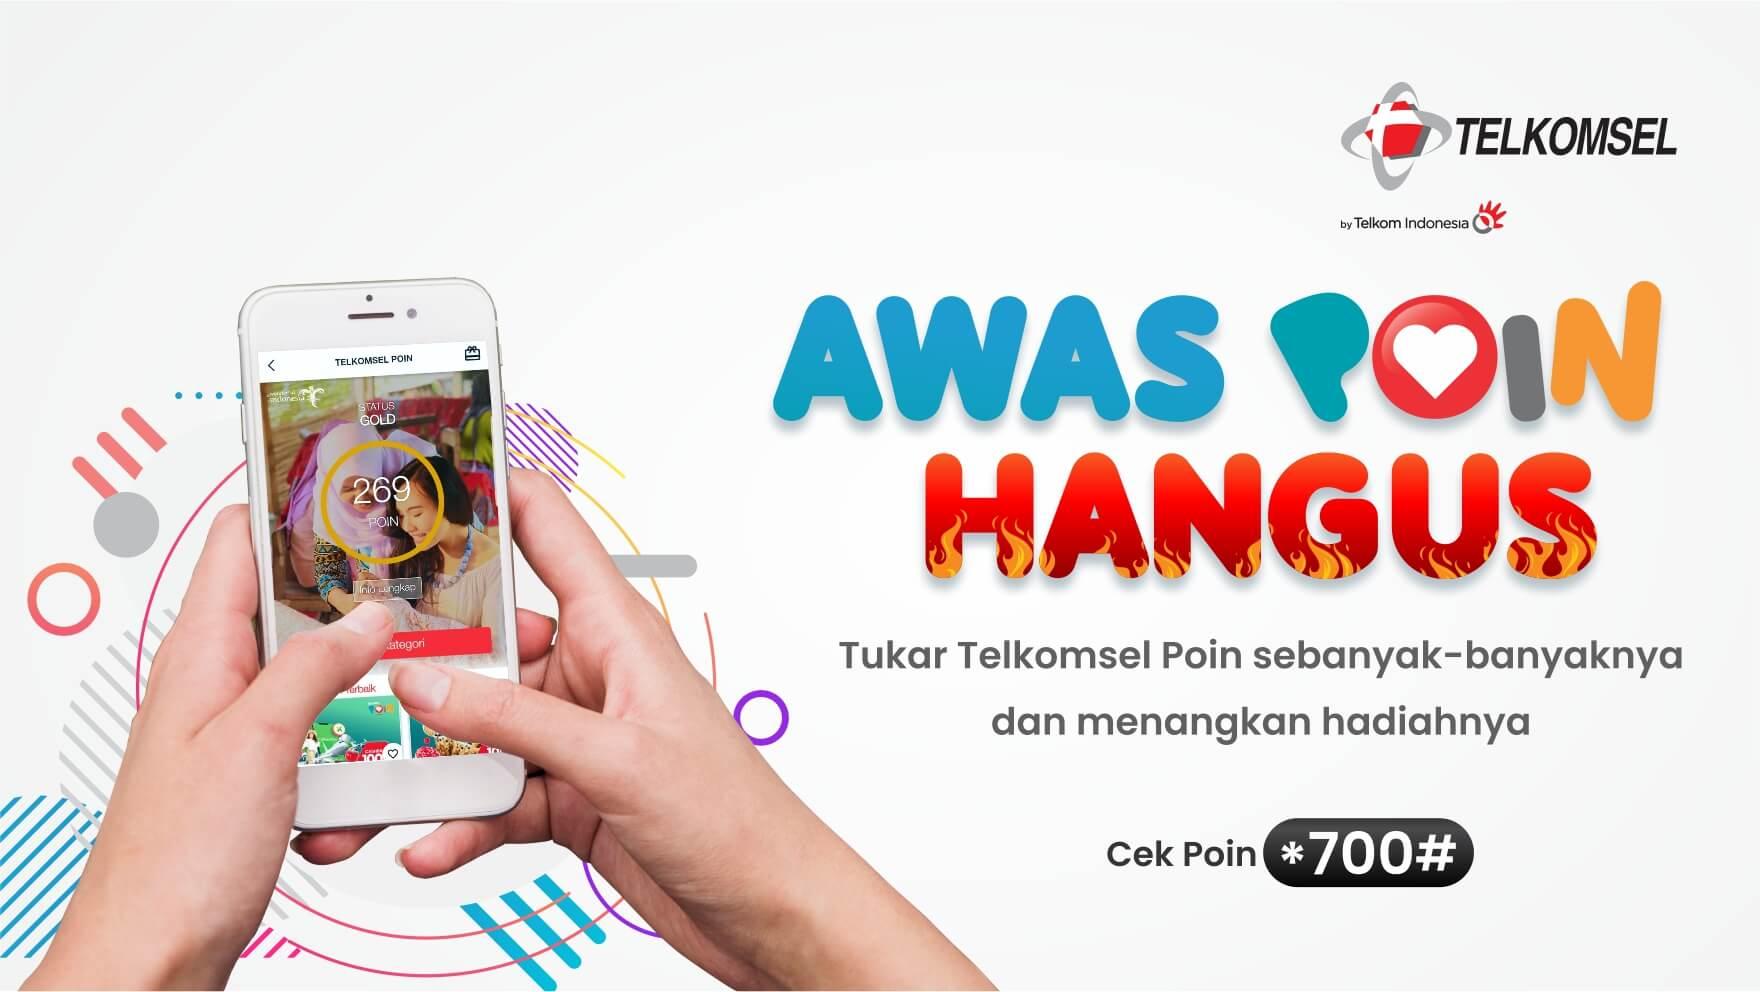 Keuntungan-Menggunakan-Telkomsel-Poin